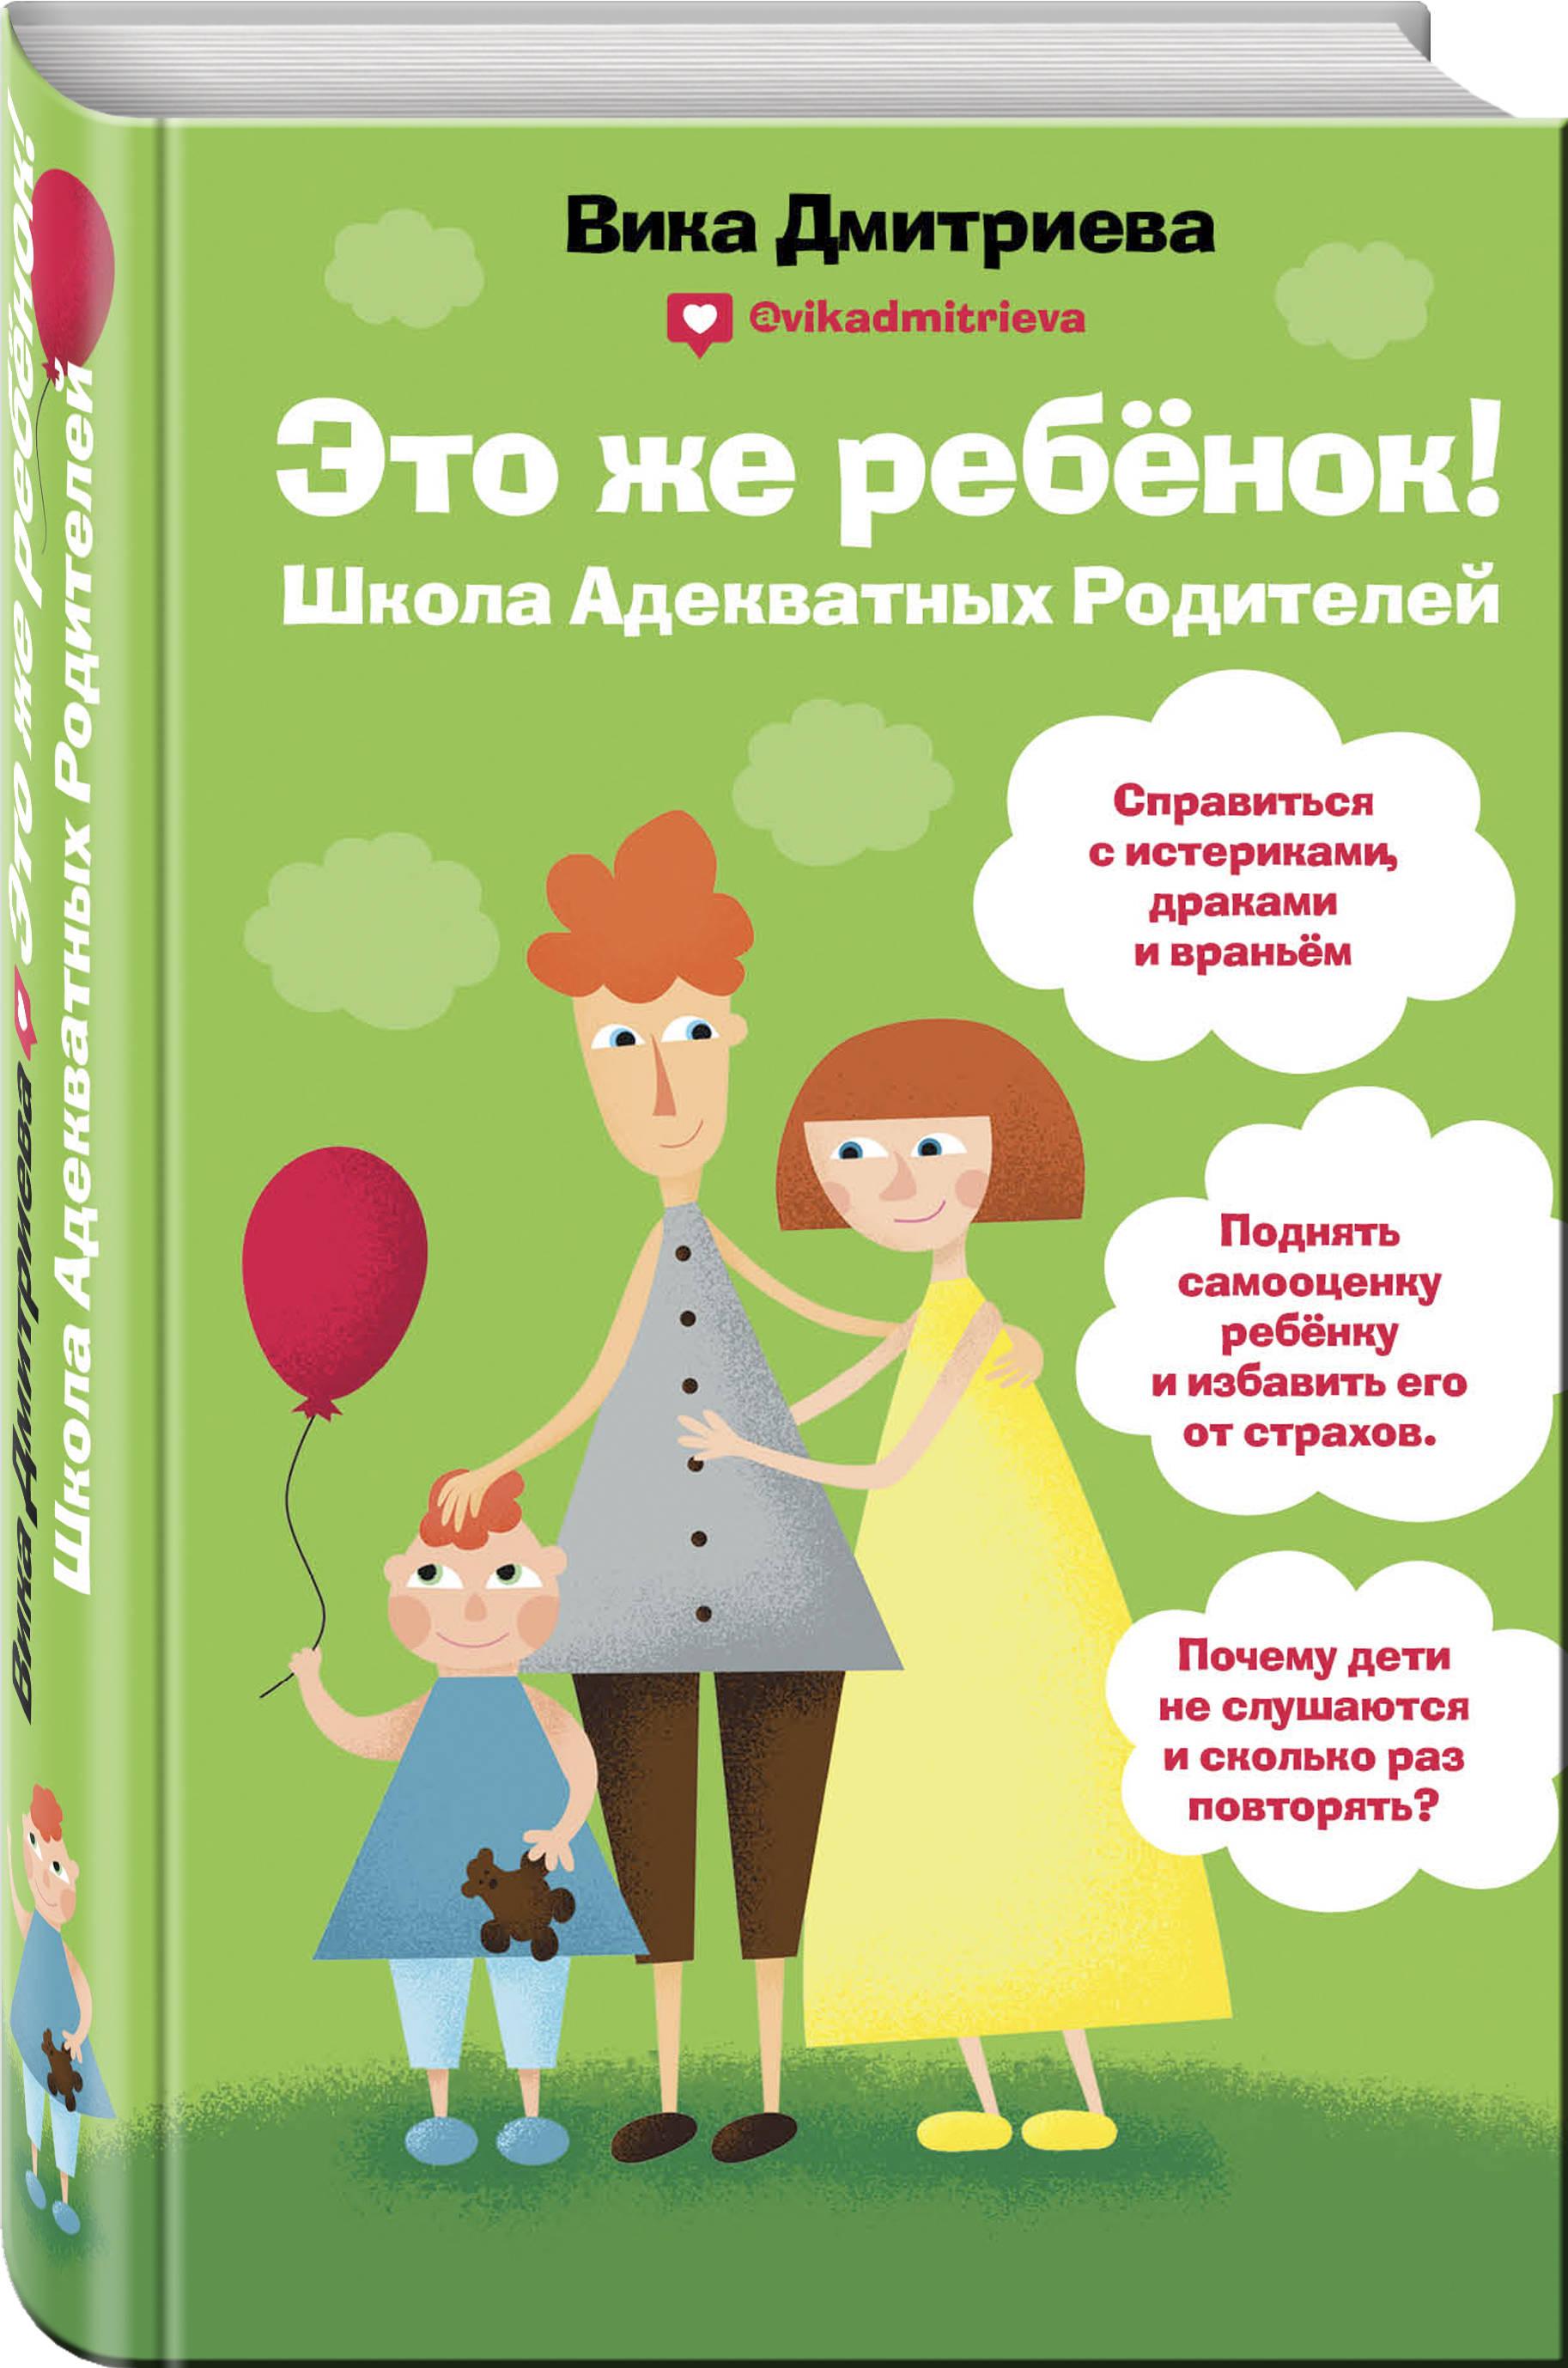 Дмитриева Вика Дмитриевна Это же ребёнок! Школа адекватных родителей